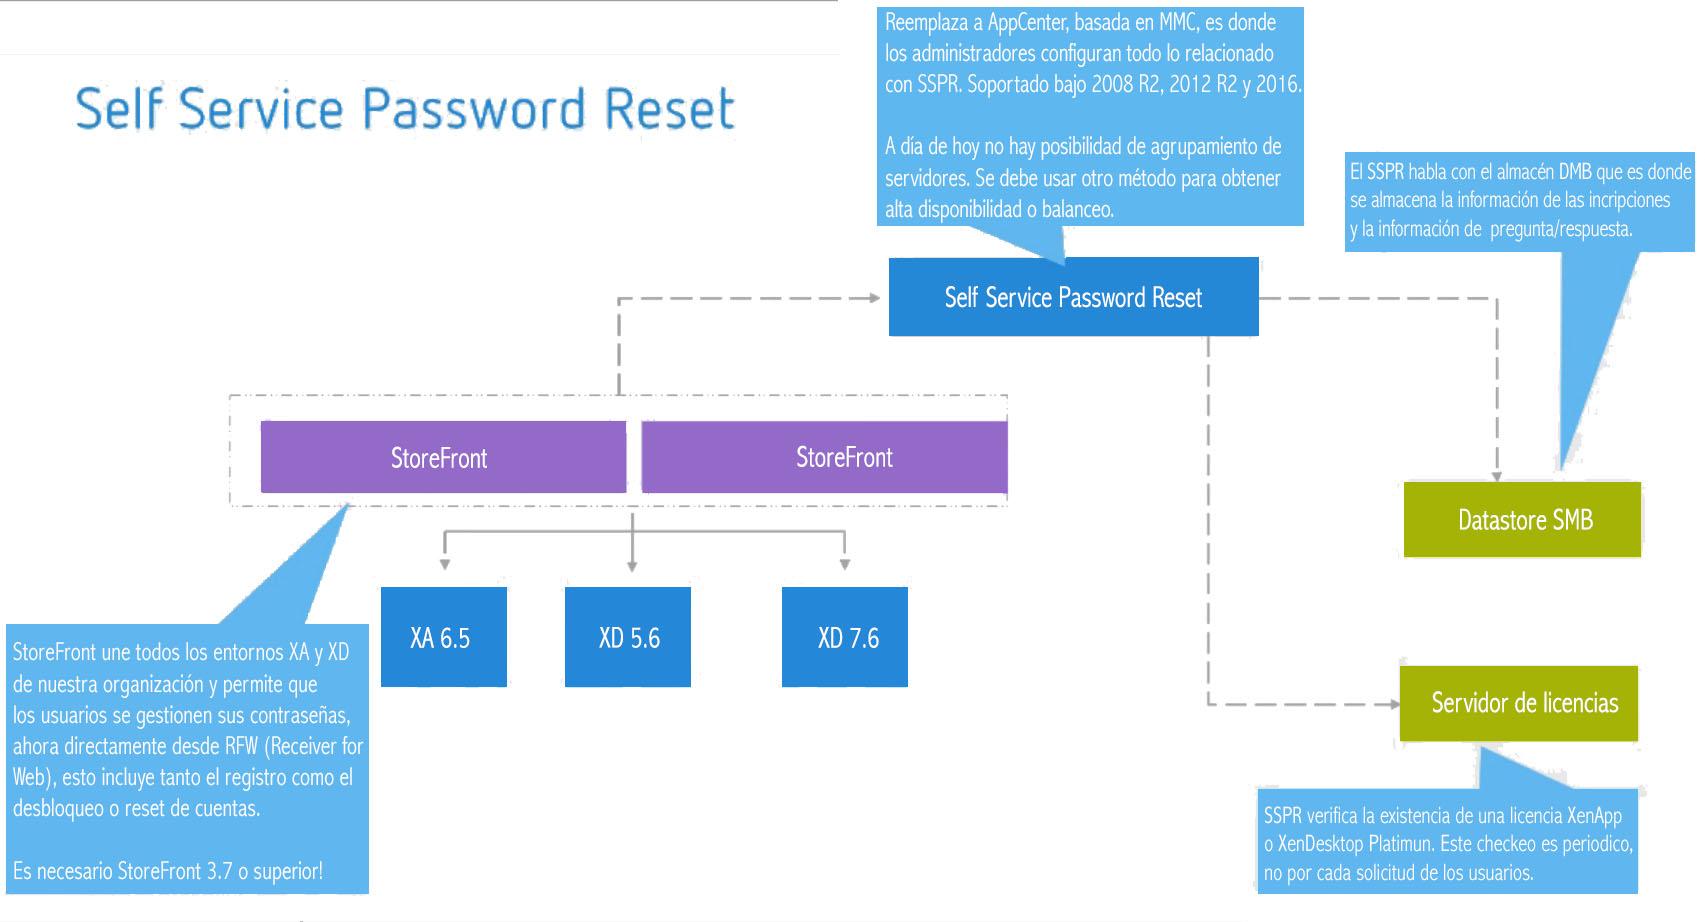 Citrix Self-Service Password Reset – Autoservicio de restablecimiento de contraseñas y desbloqueo de cuentas